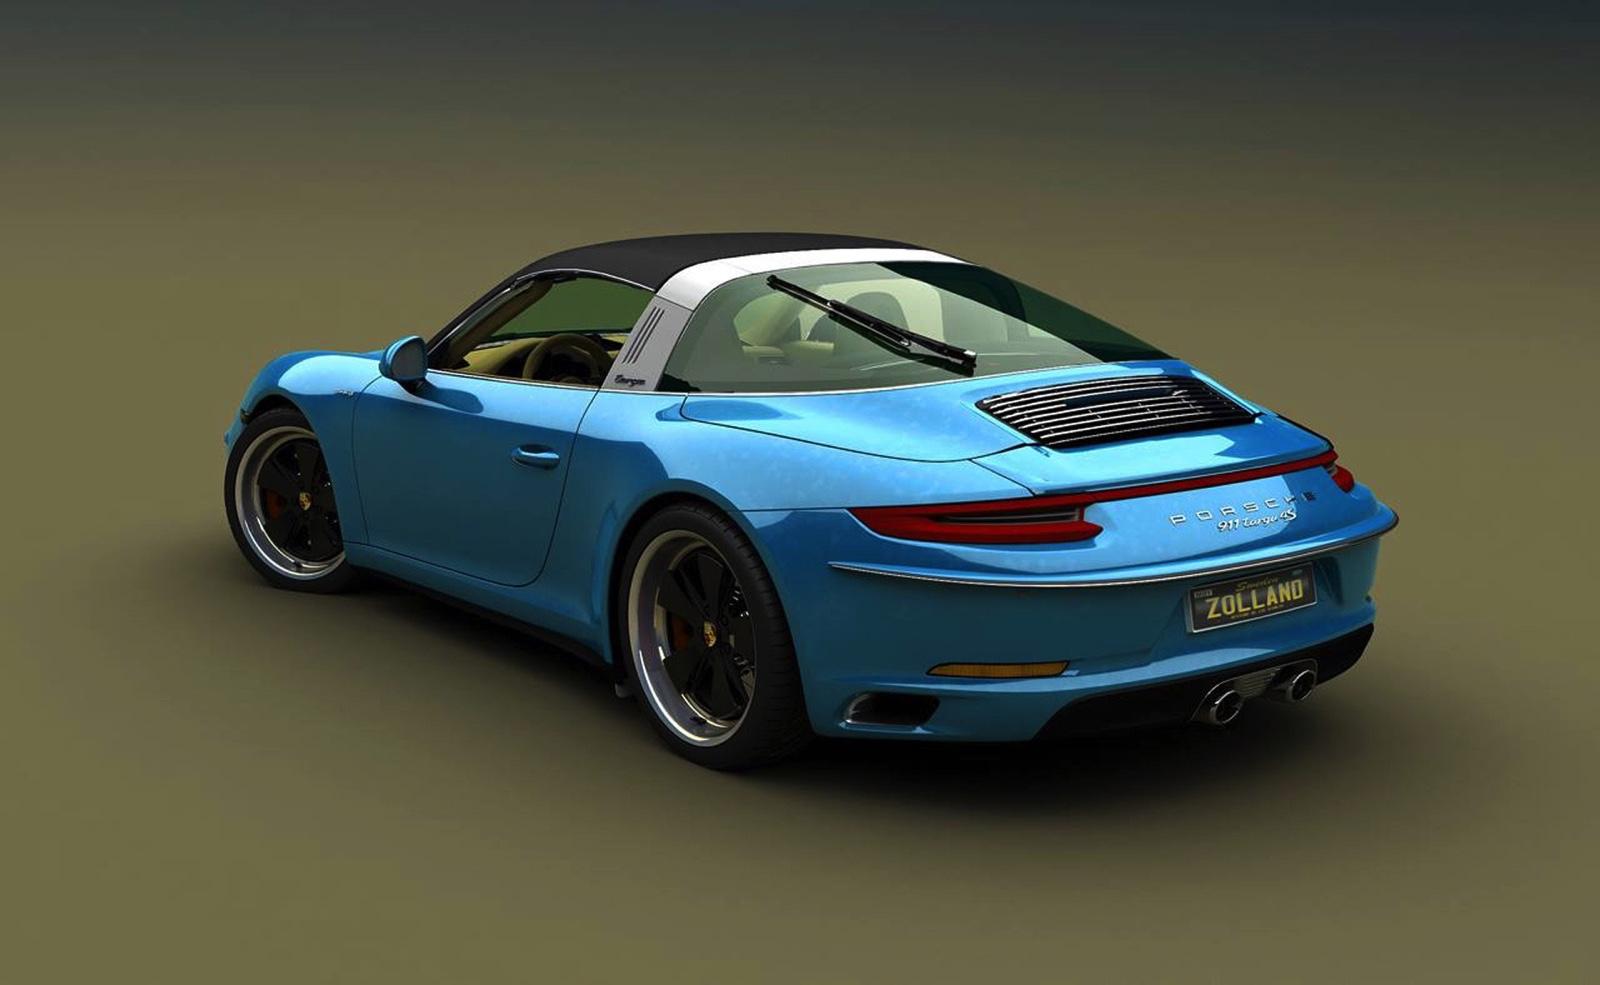 Zolland Design Porsche 911 -6- Autovisie.nl